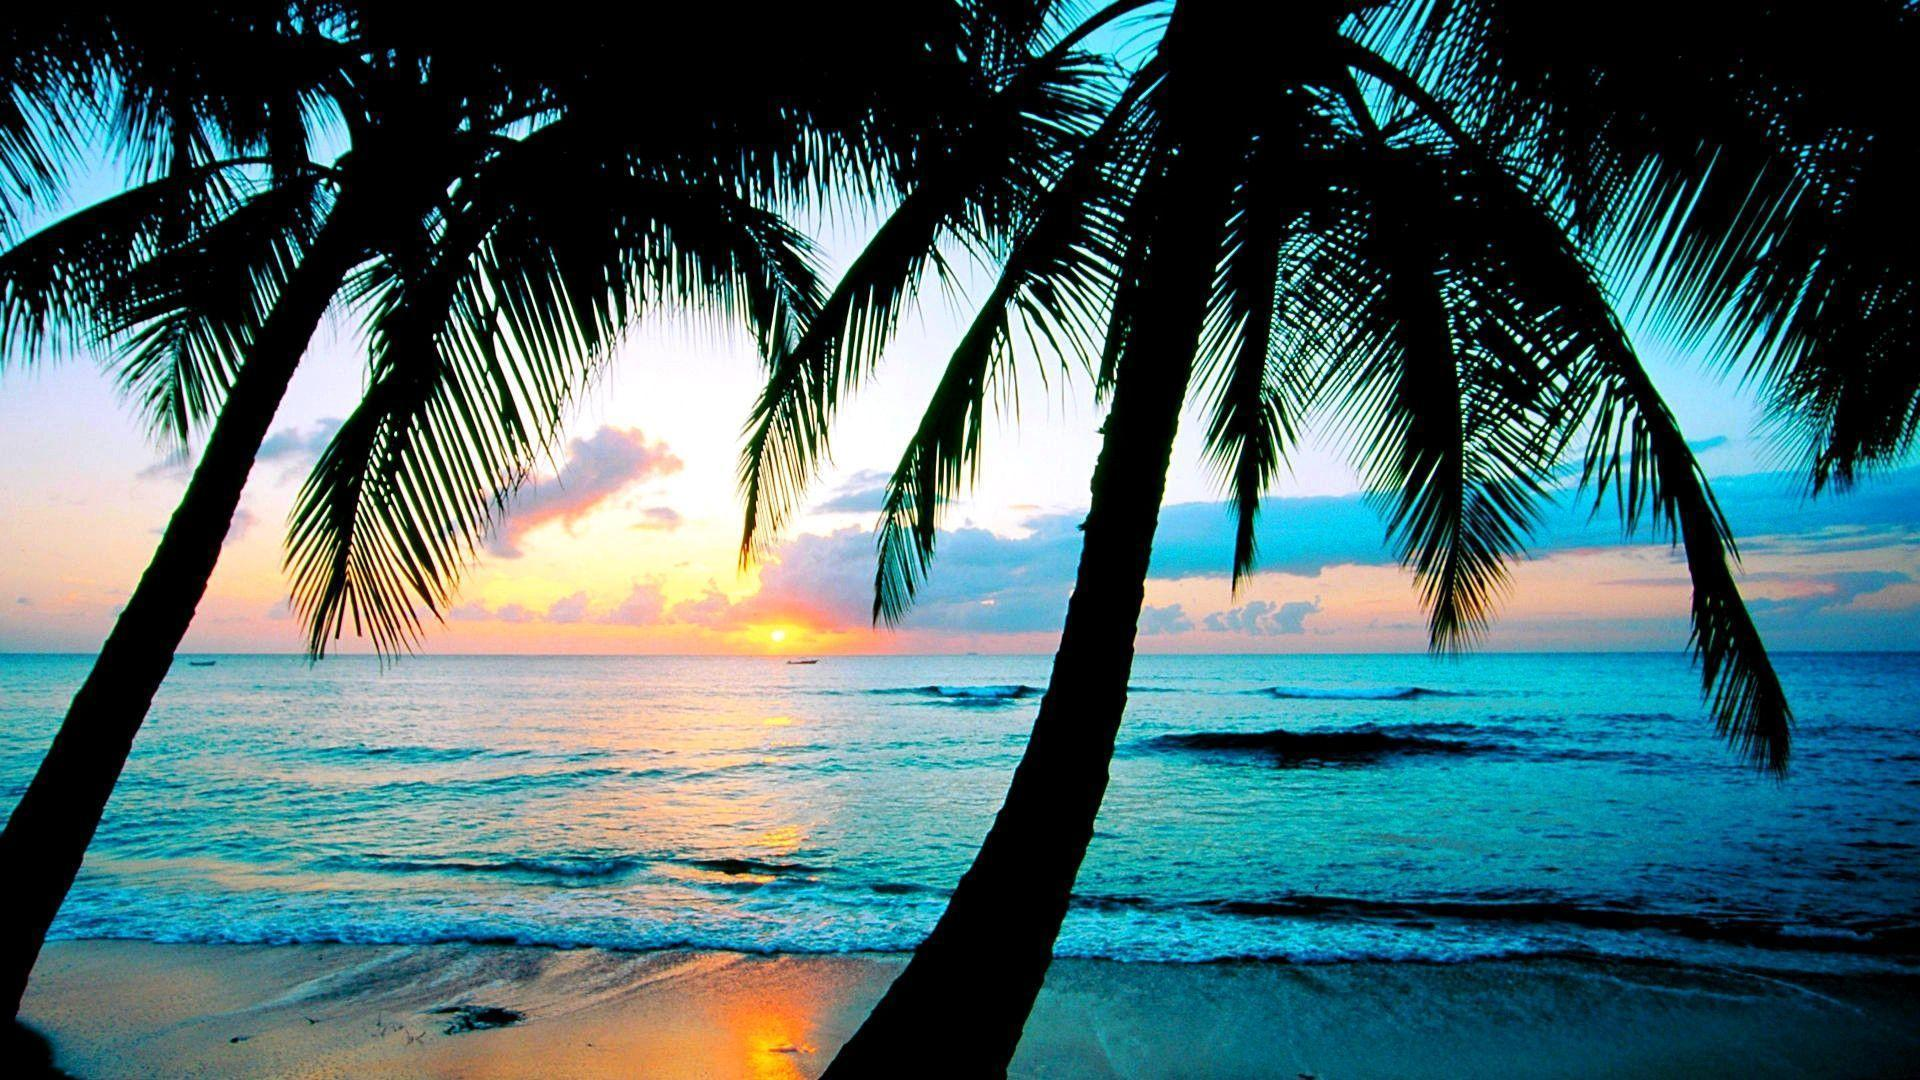 Beach Backgrounds For Desktop